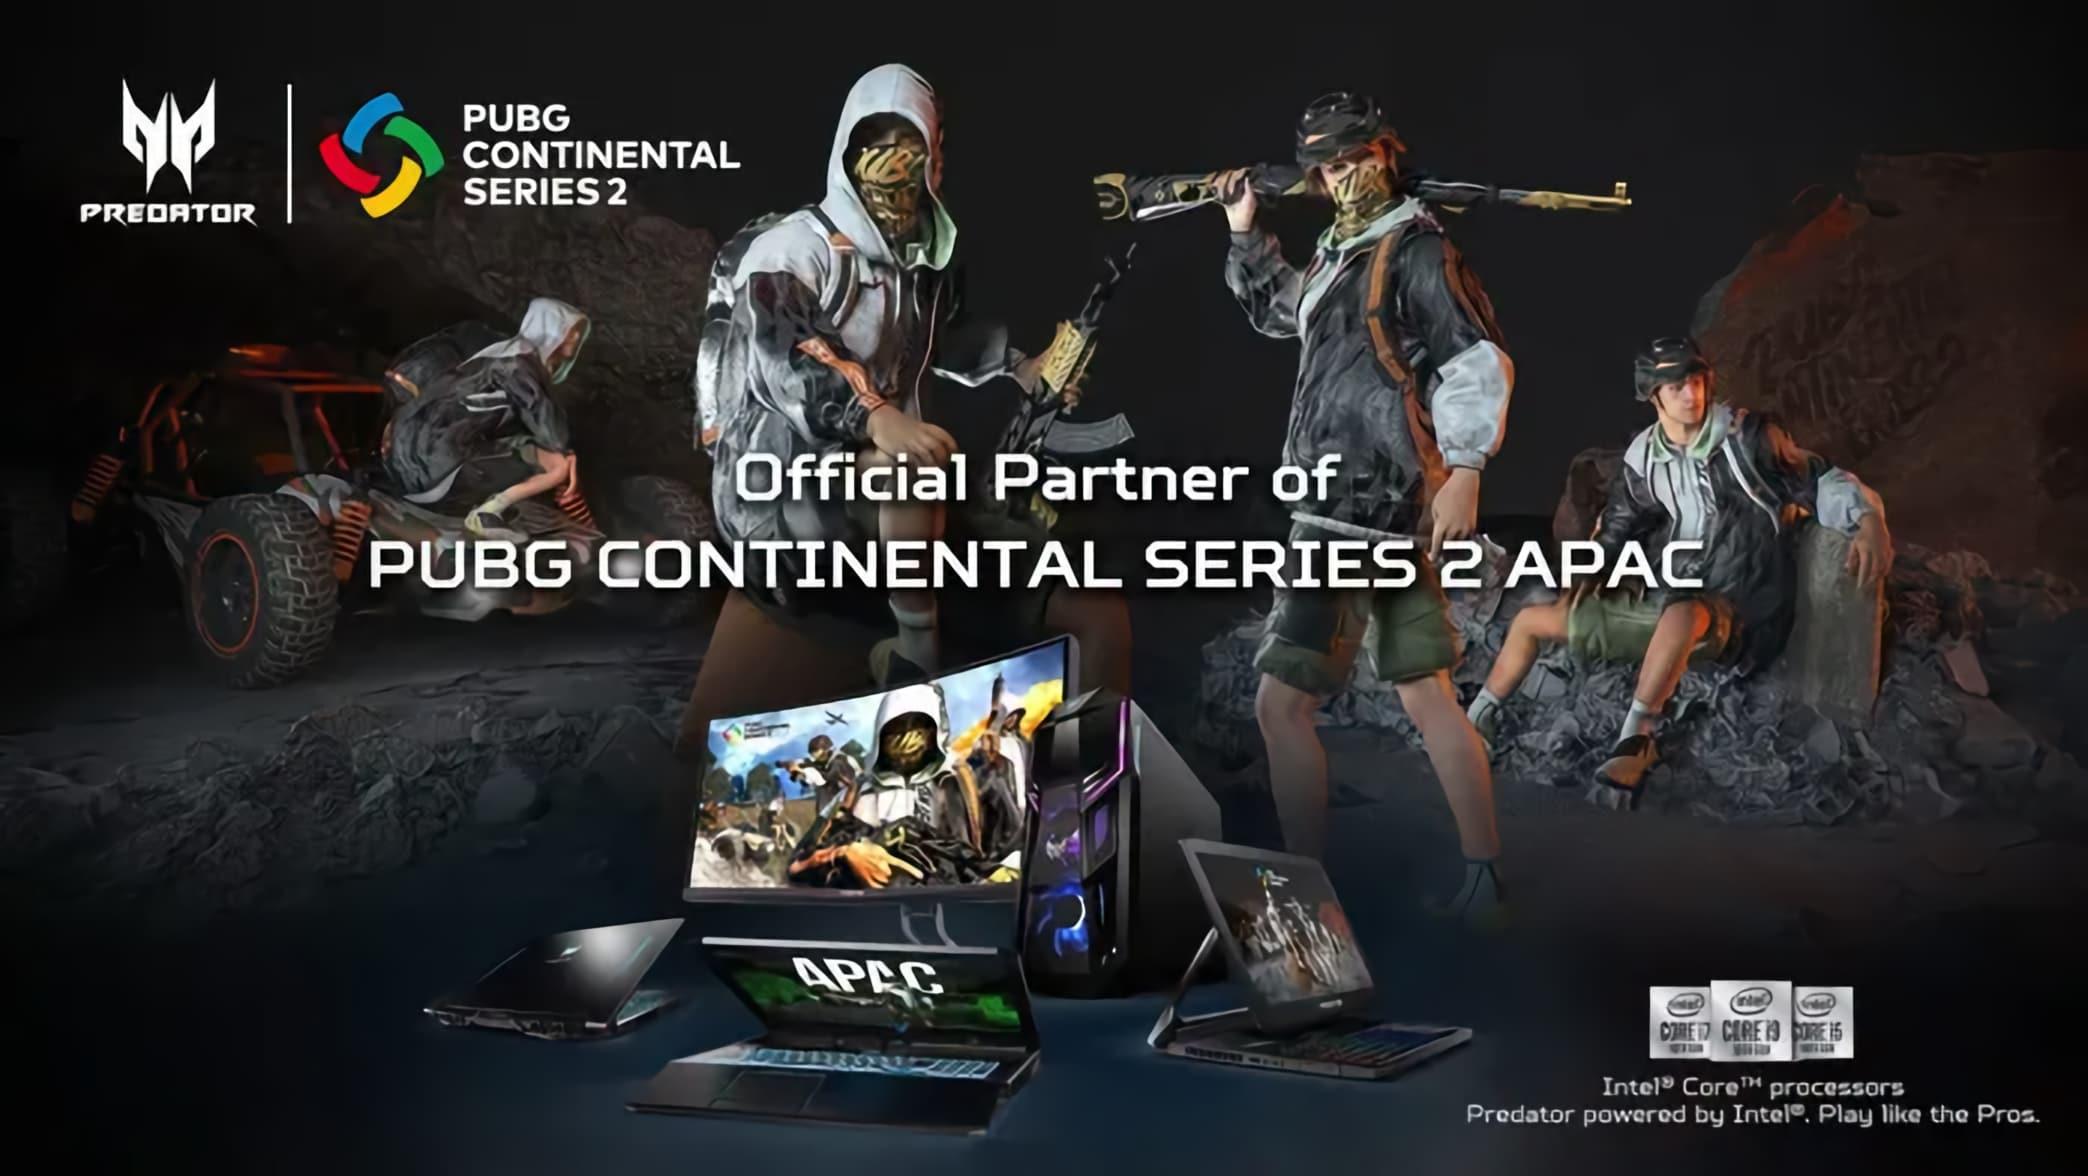 Acer là nhà tài trợ chính thức cho PUBG Continental Series 2 APAC